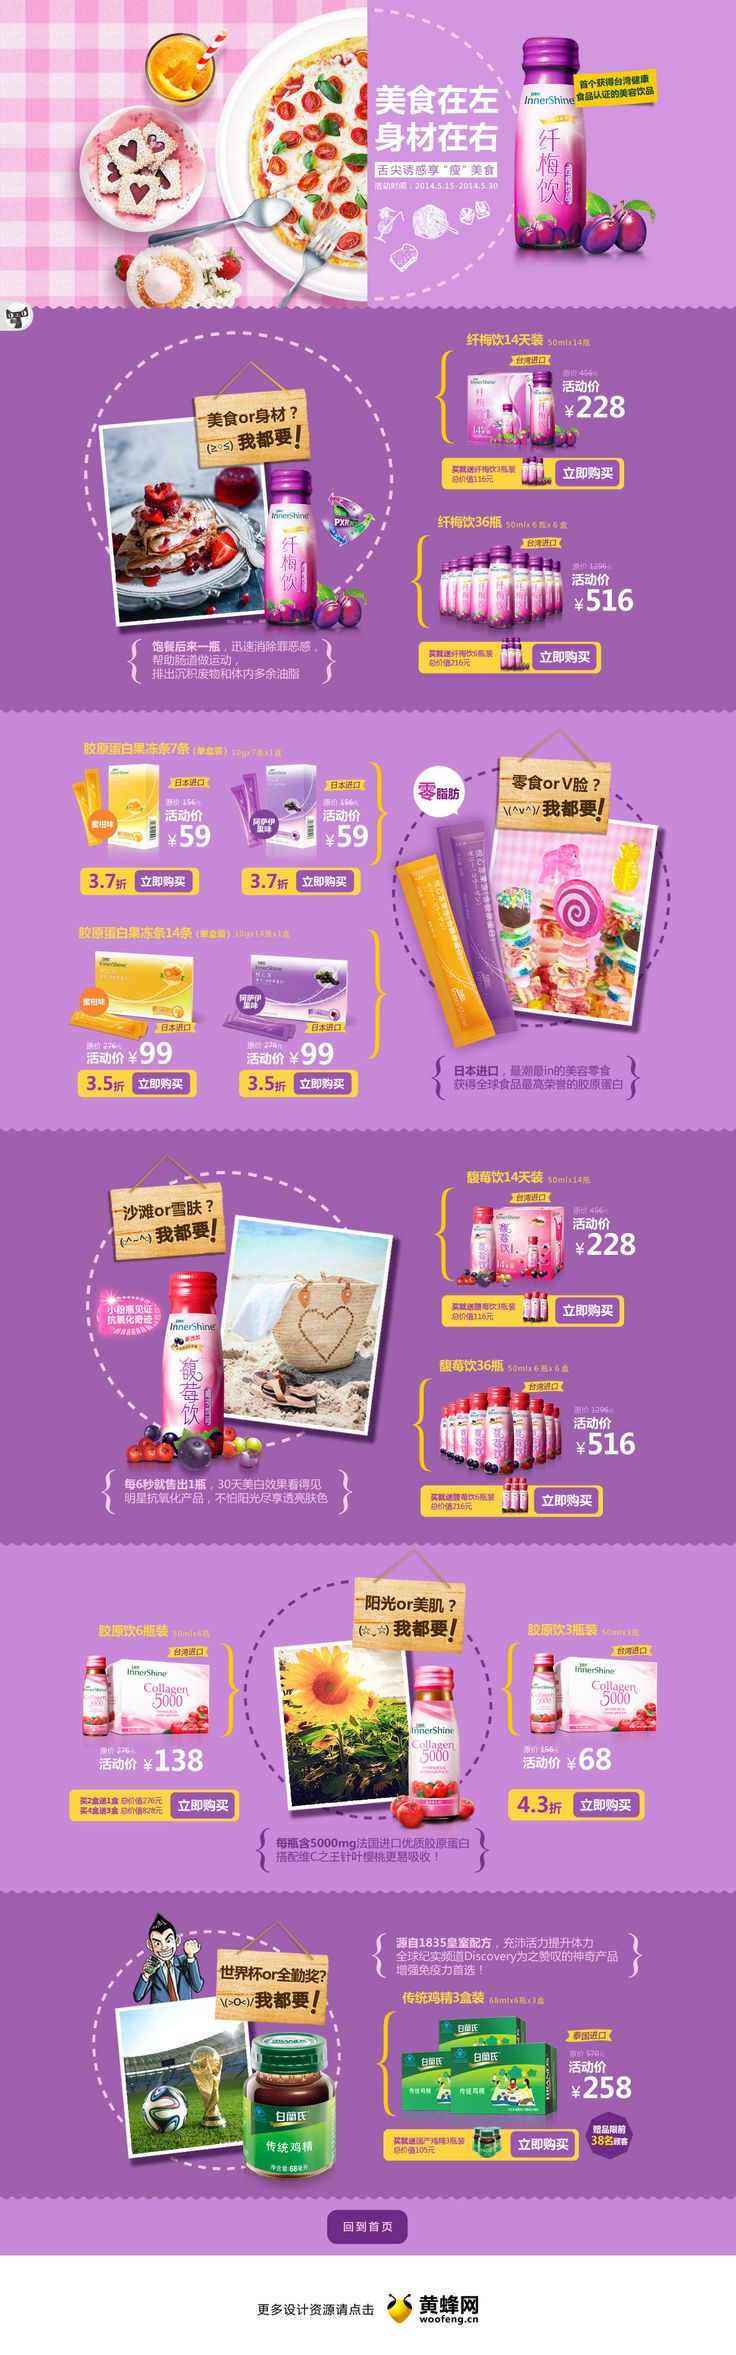 白兰氏官方旗舰店促销专题页面,来源自黄蜂网http://woofeng.cn/